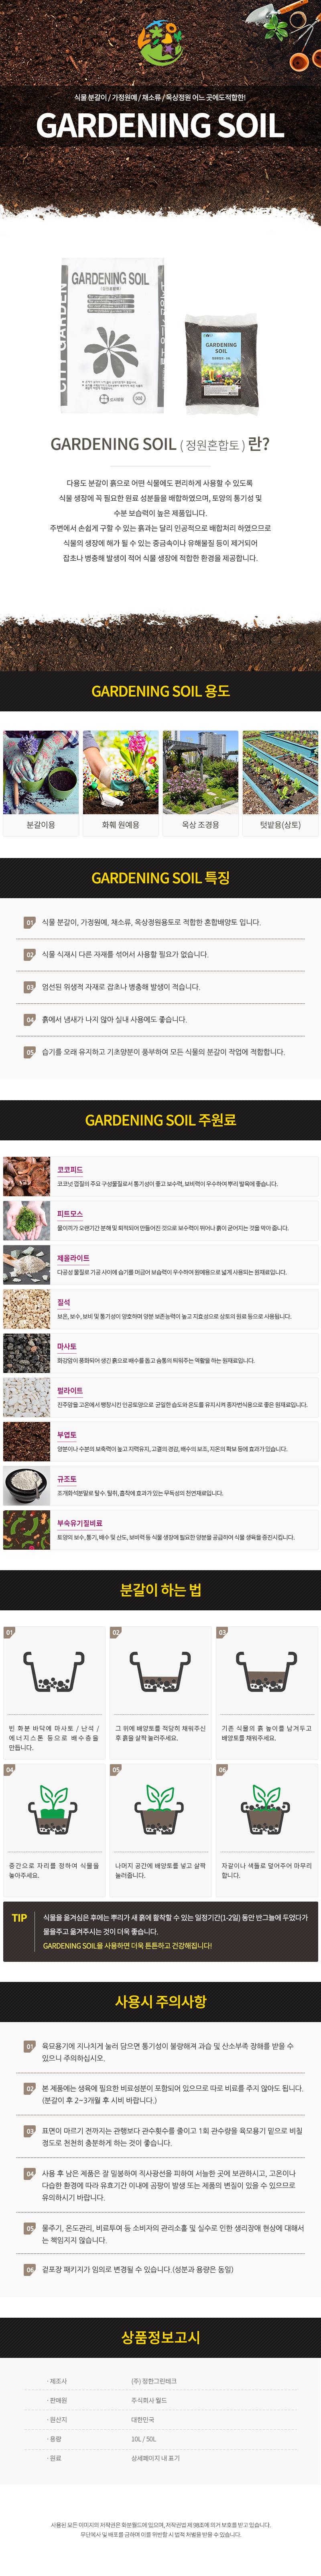 화분월드 가드닝소일 10L 2개 가드닝흙 분갈이흙 상토 용토 - 화분월드, 8,300원, 새싹/모종키우기, 흙/비료/영양제